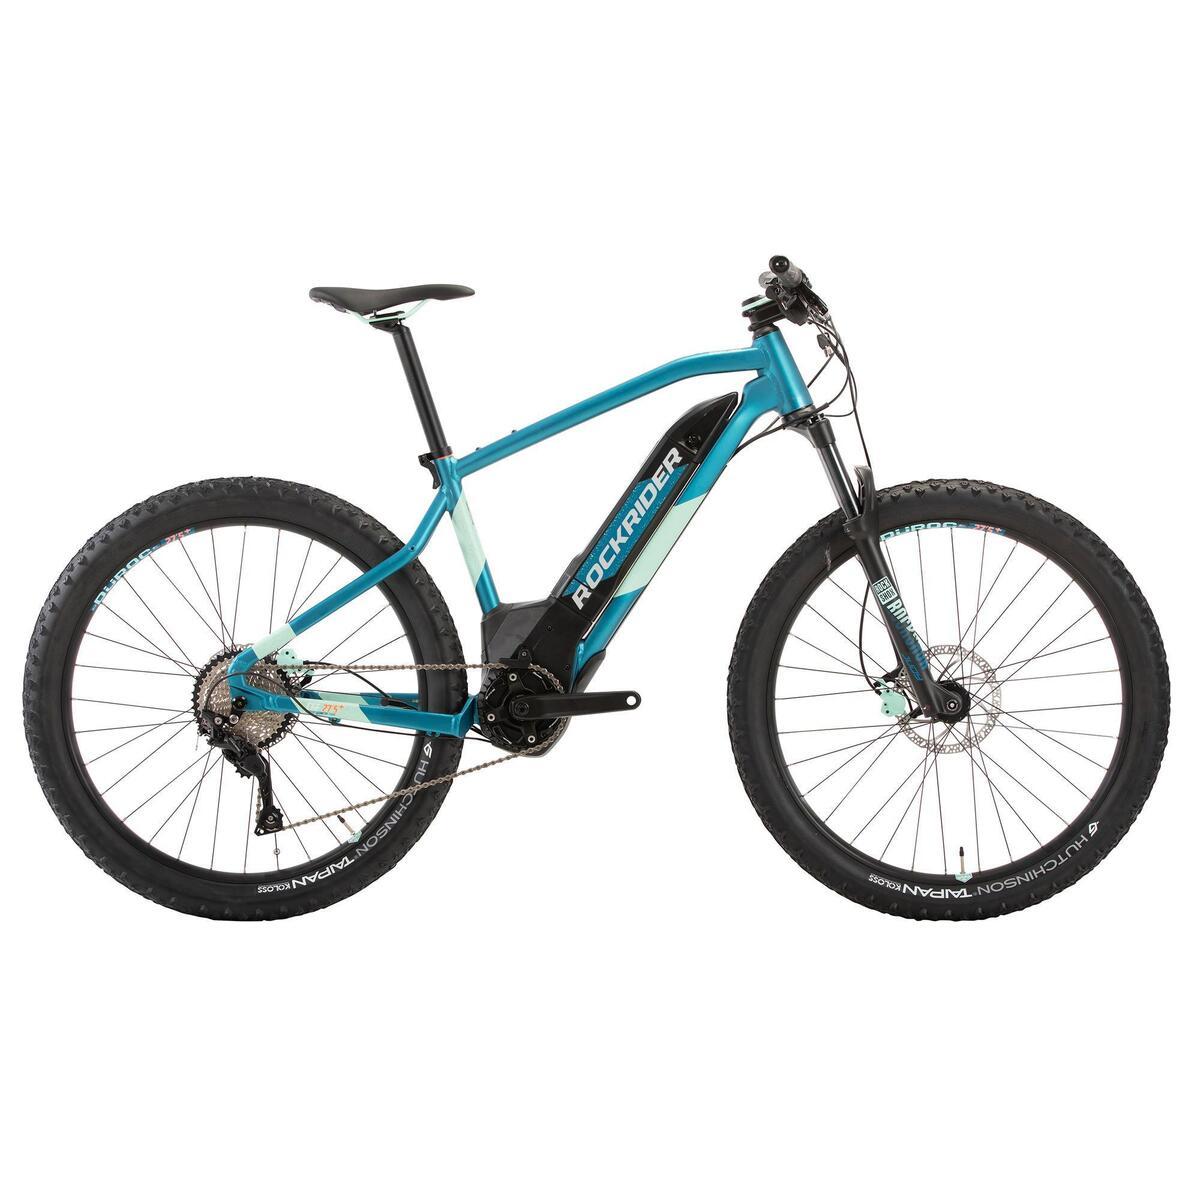 Bild 1 von E-Mountainbike 27,5 Zoll Rockrider E-ST900 Damen türkis